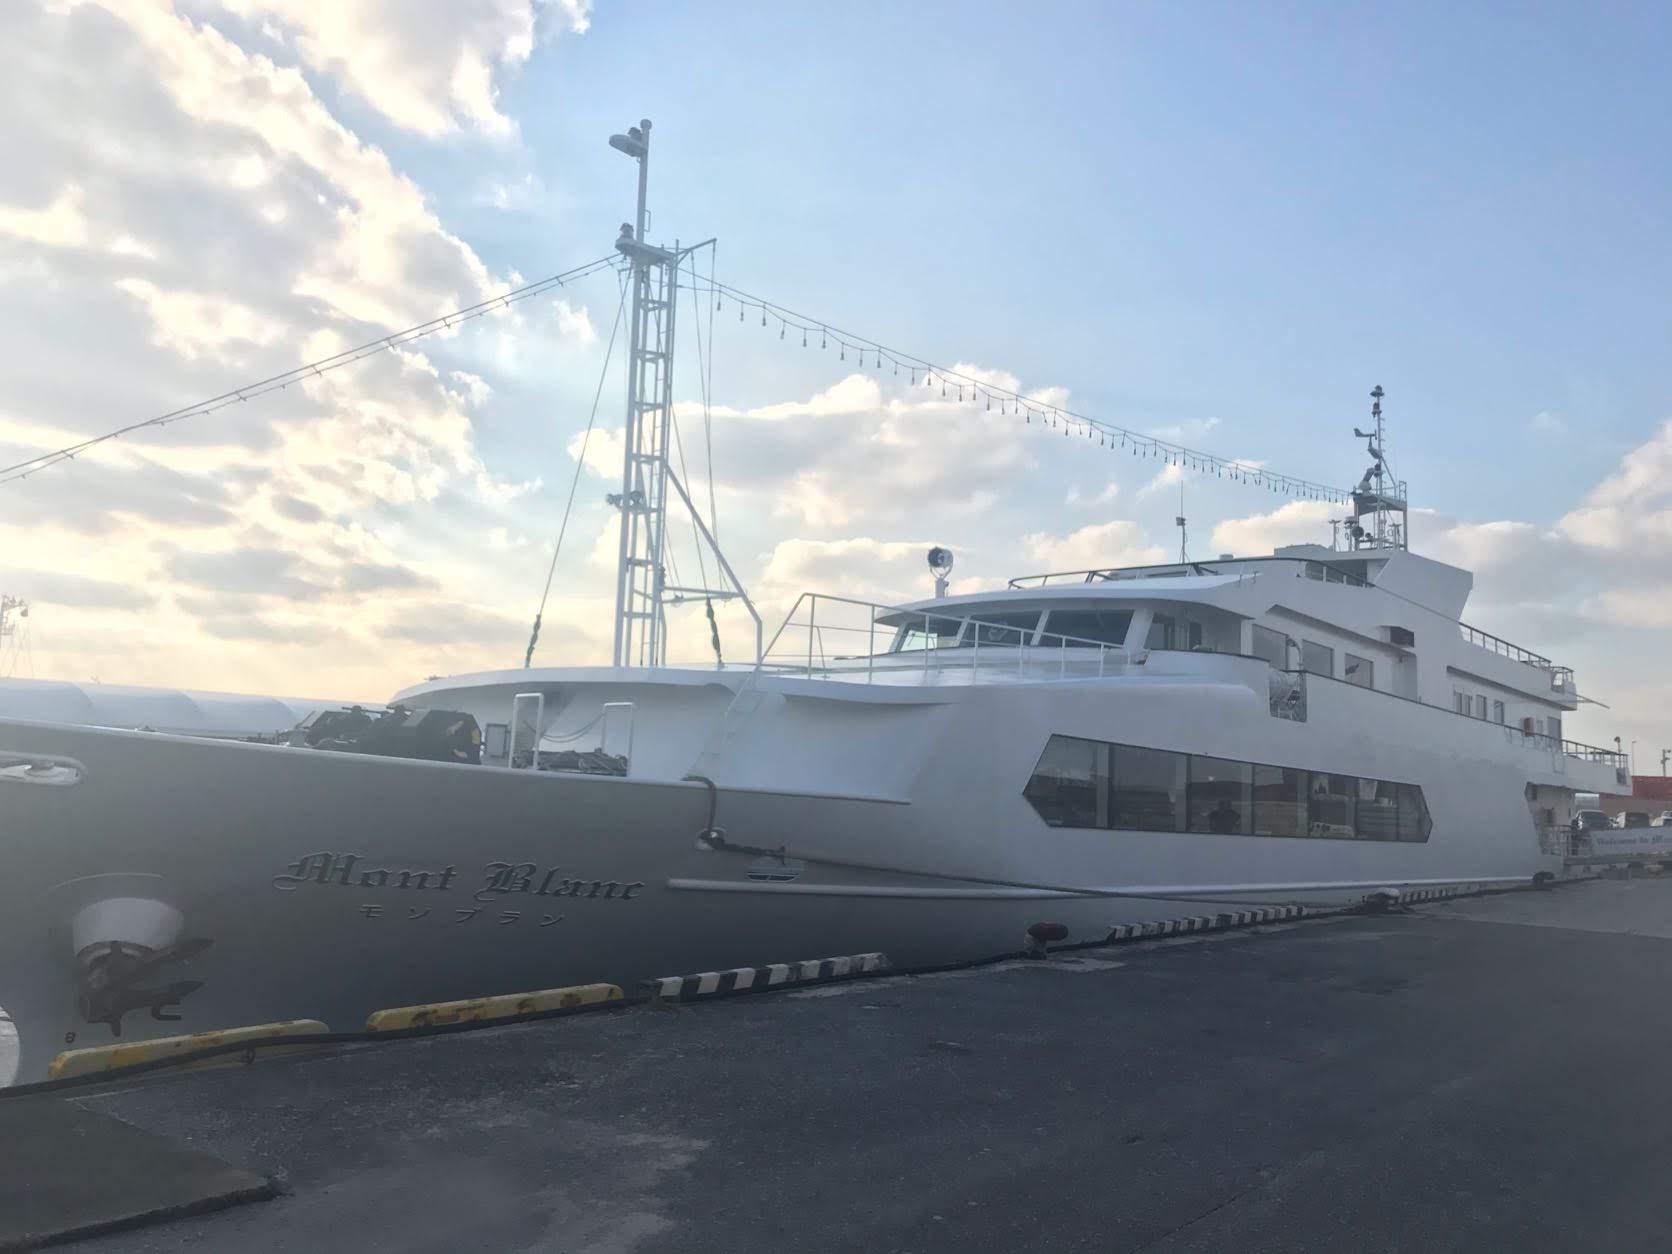 クルーズ船モンブラン